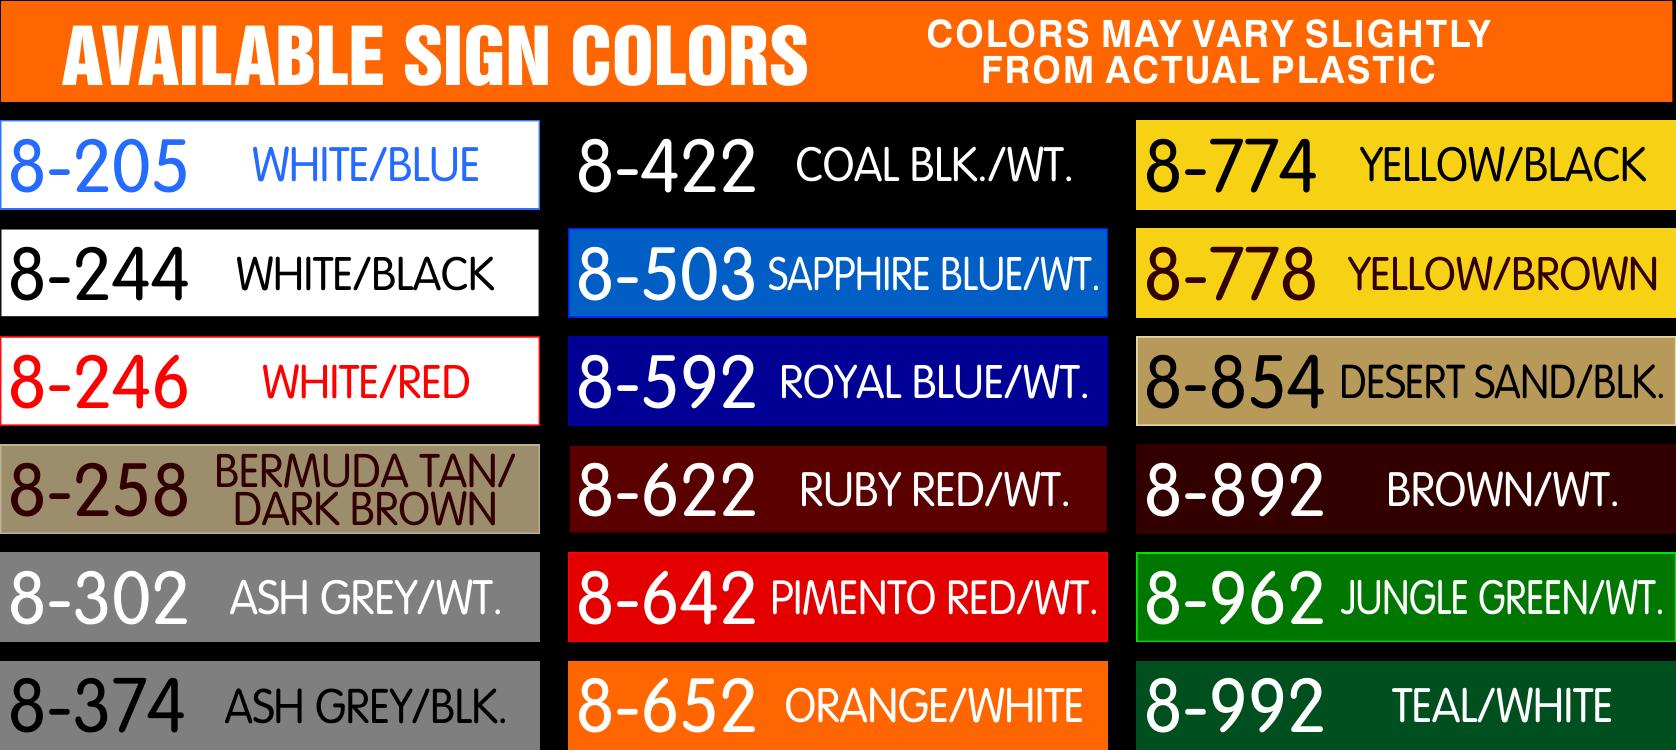 Standard Colors Palette